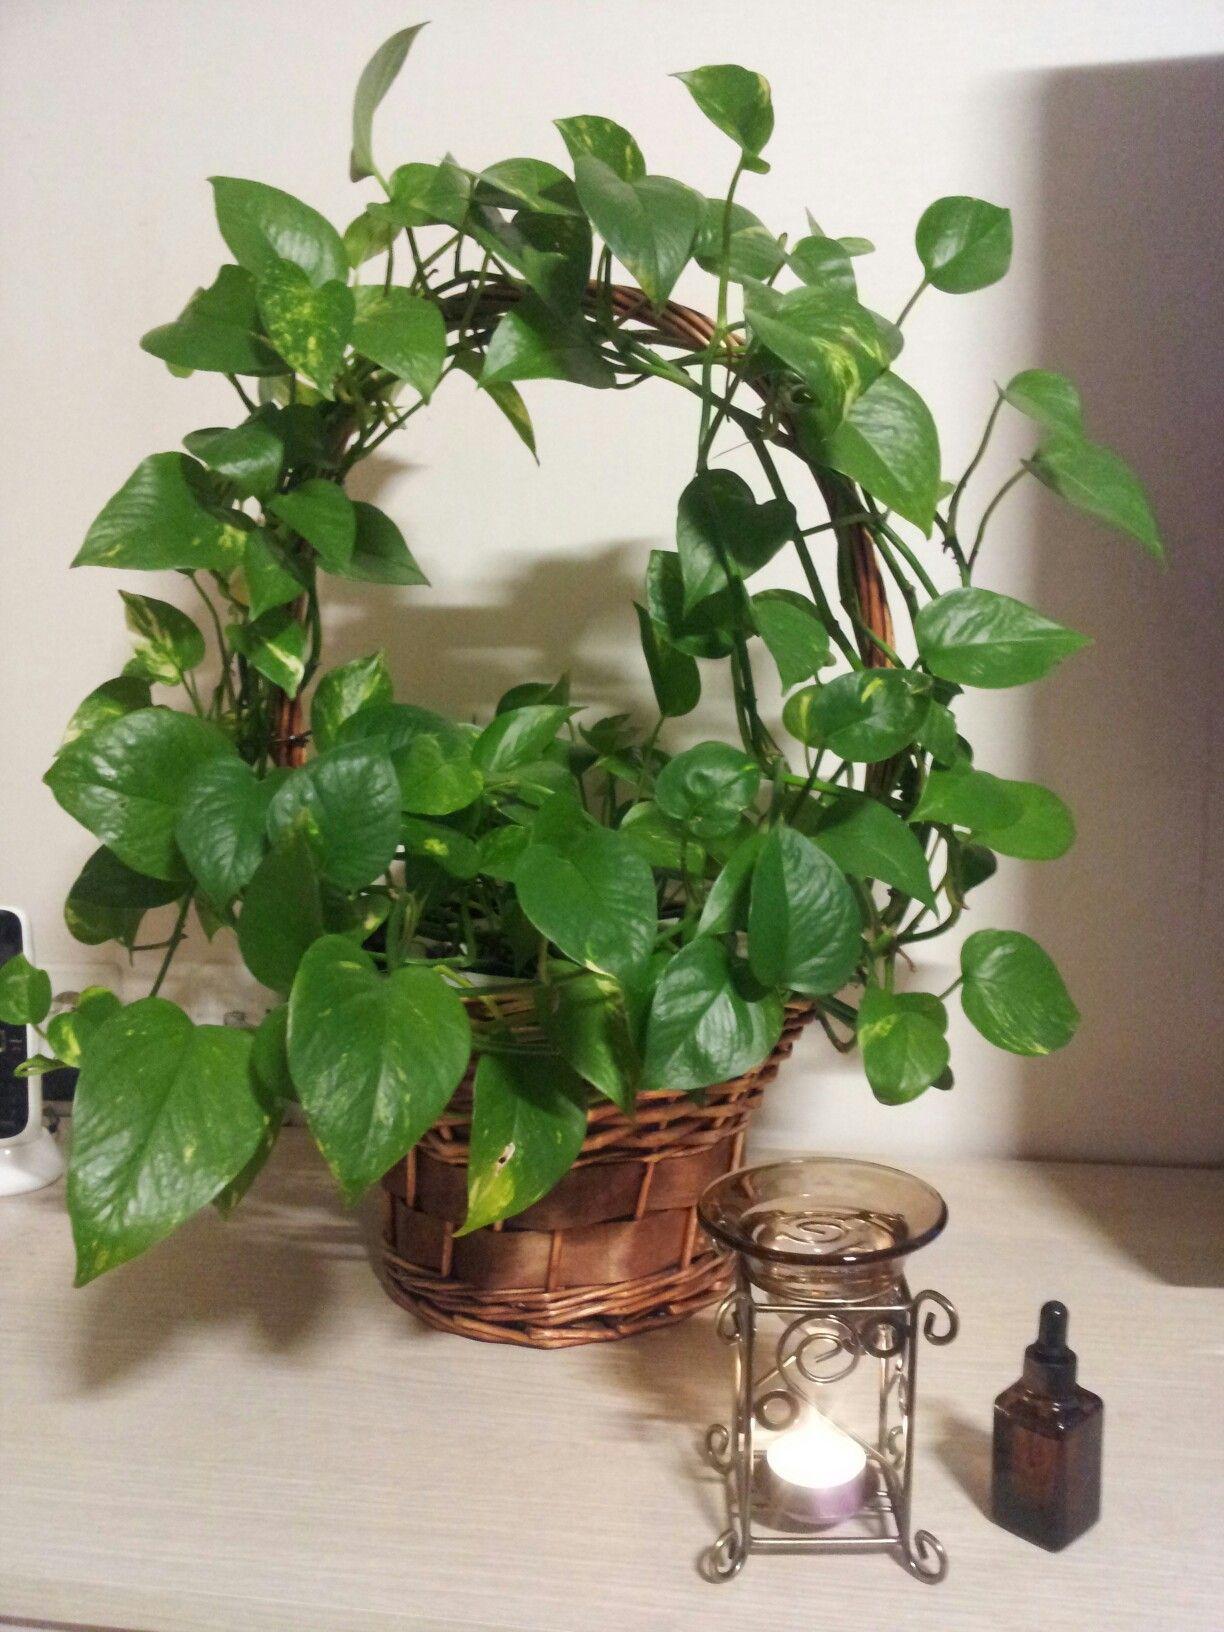 Scindapsus Aureus House Plants Decor Plant Decor Indoor Plants